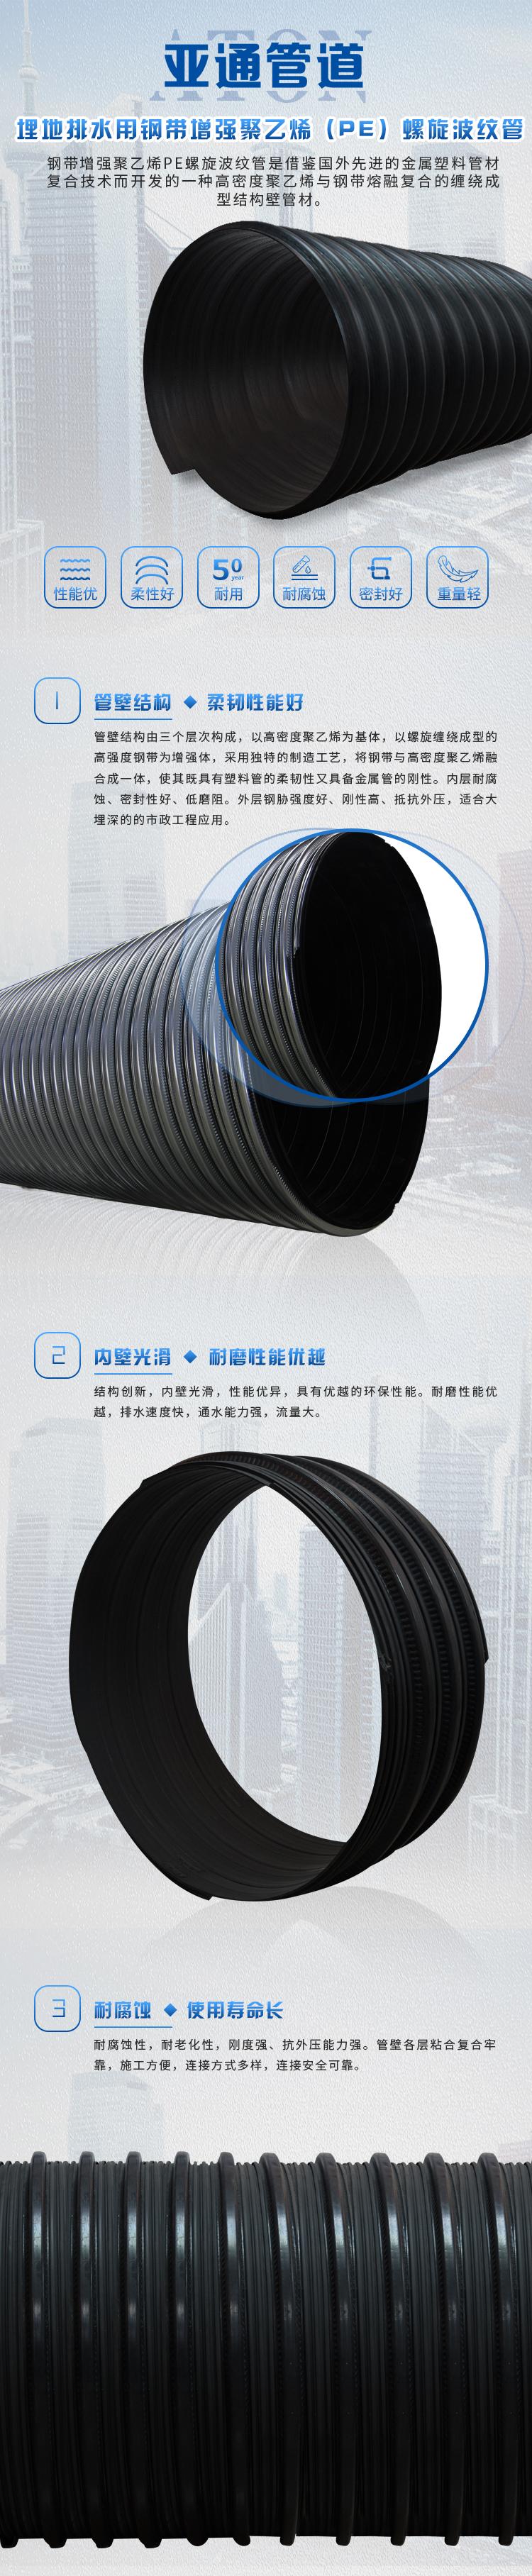 详情页-埋地排水用钢带增强聚乙烯(PE)螺旋波纹管.jpg